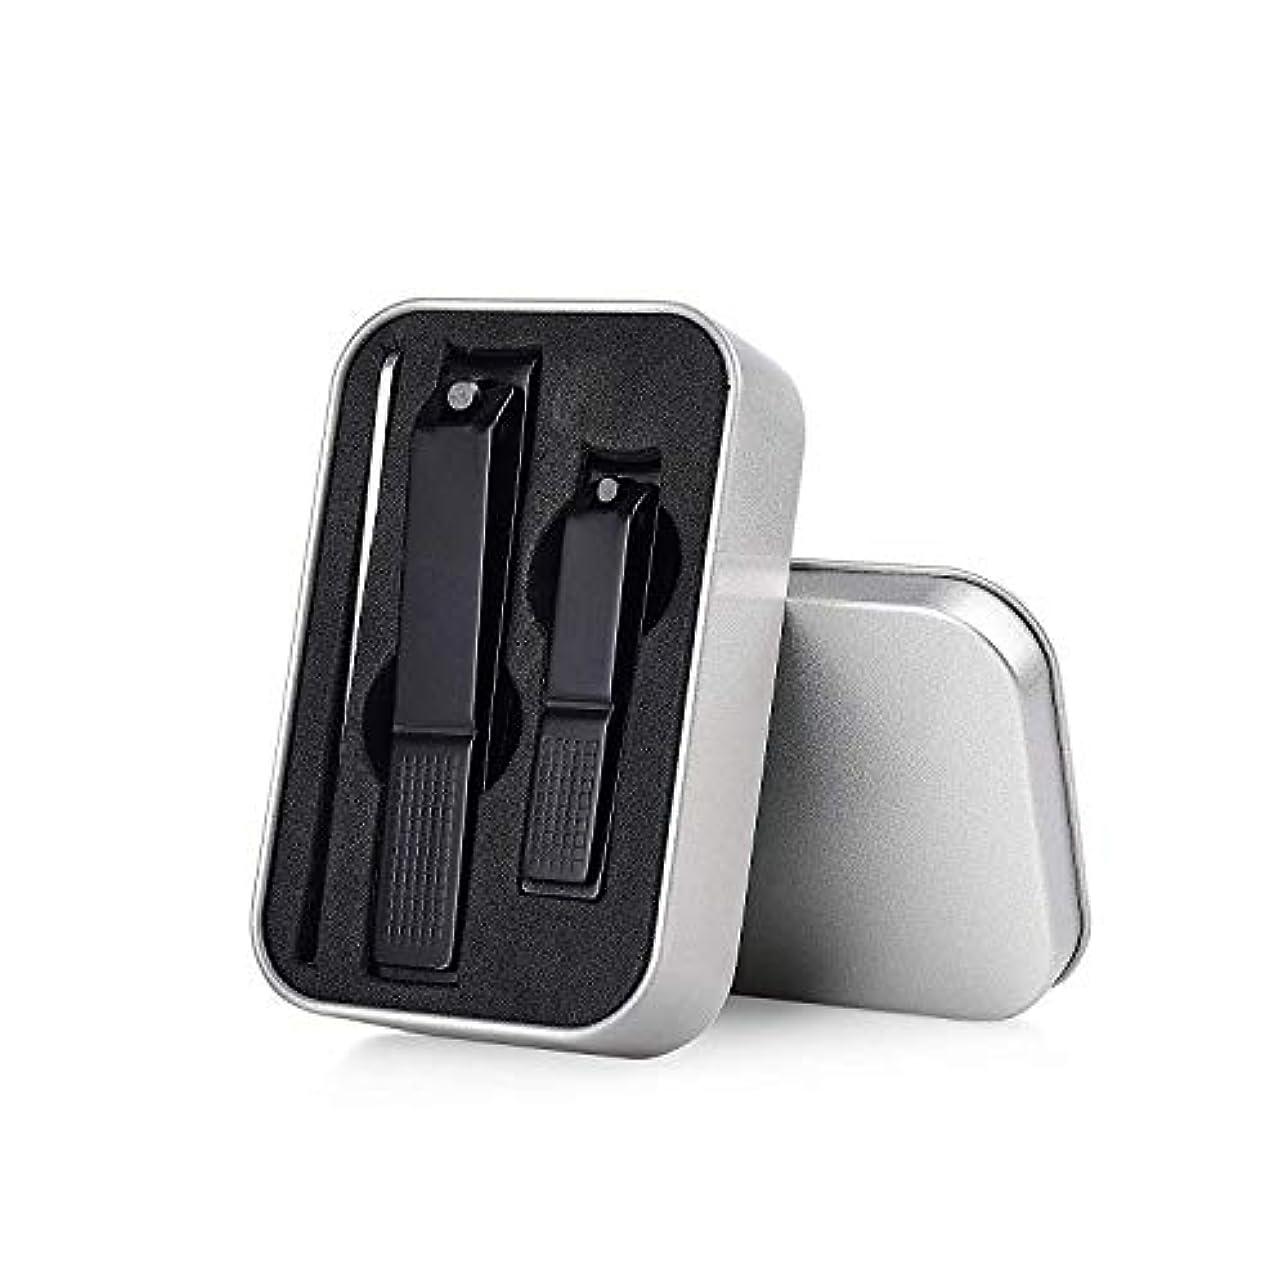 なめる健康カプセル爪&爪+爪やすり(クリーナー)用3ピースネイルクリッパーキット(トラベルケース付き)-シャープネイルカッターセット、満足度100%返金保証